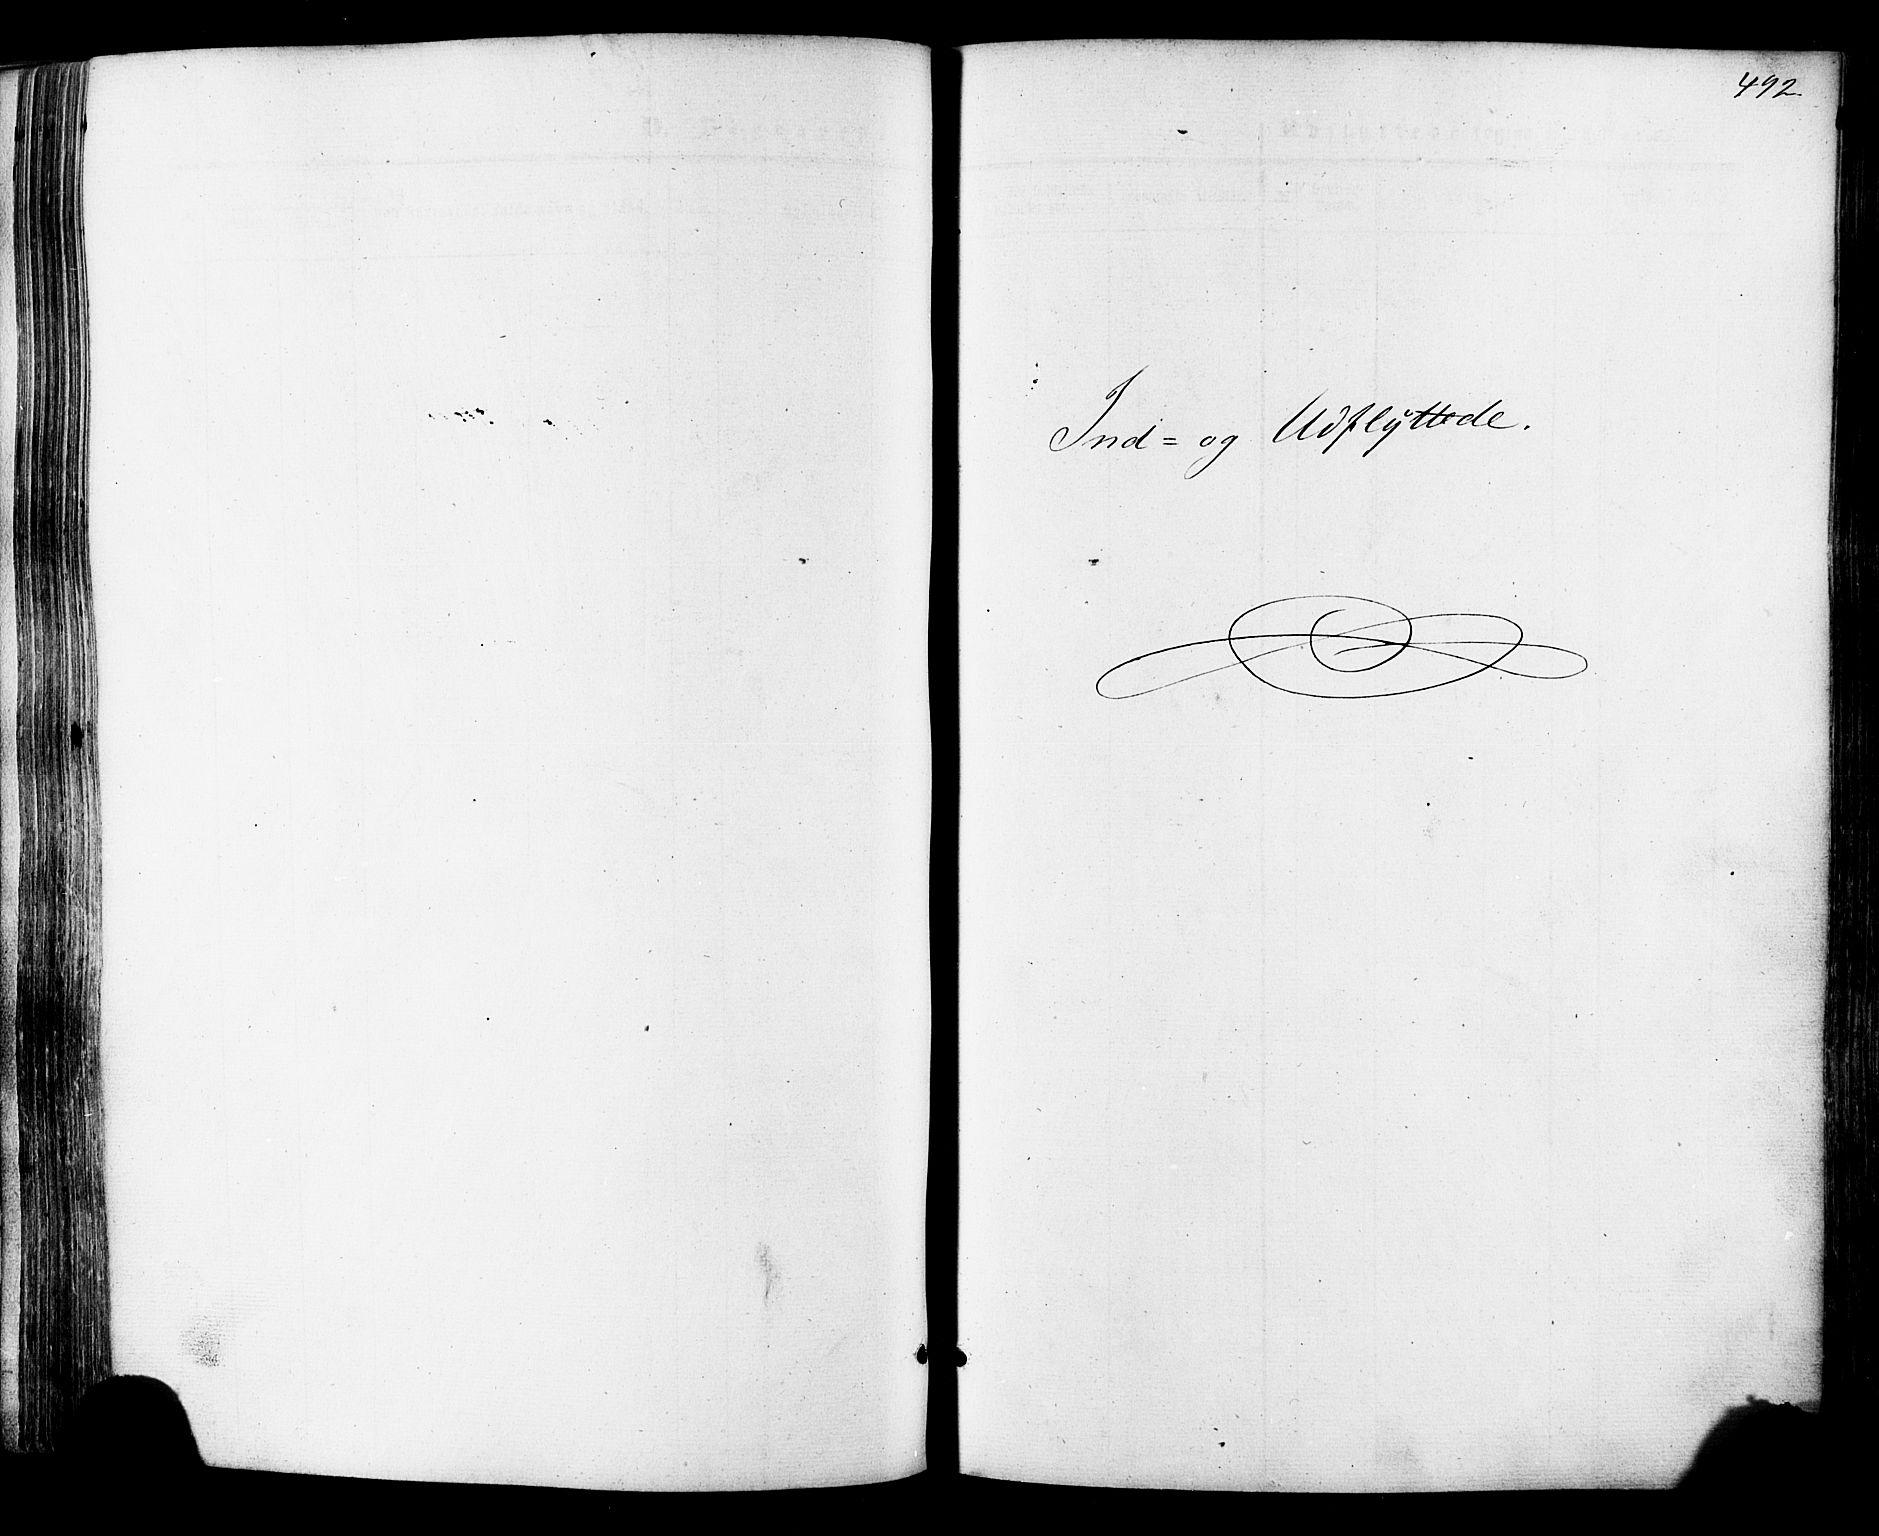 SAT, Ministerialprotokoller, klokkerbøker og fødselsregistre - Sør-Trøndelag, 681/L0932: Ministerialbok nr. 681A10, 1860-1878, s. 492